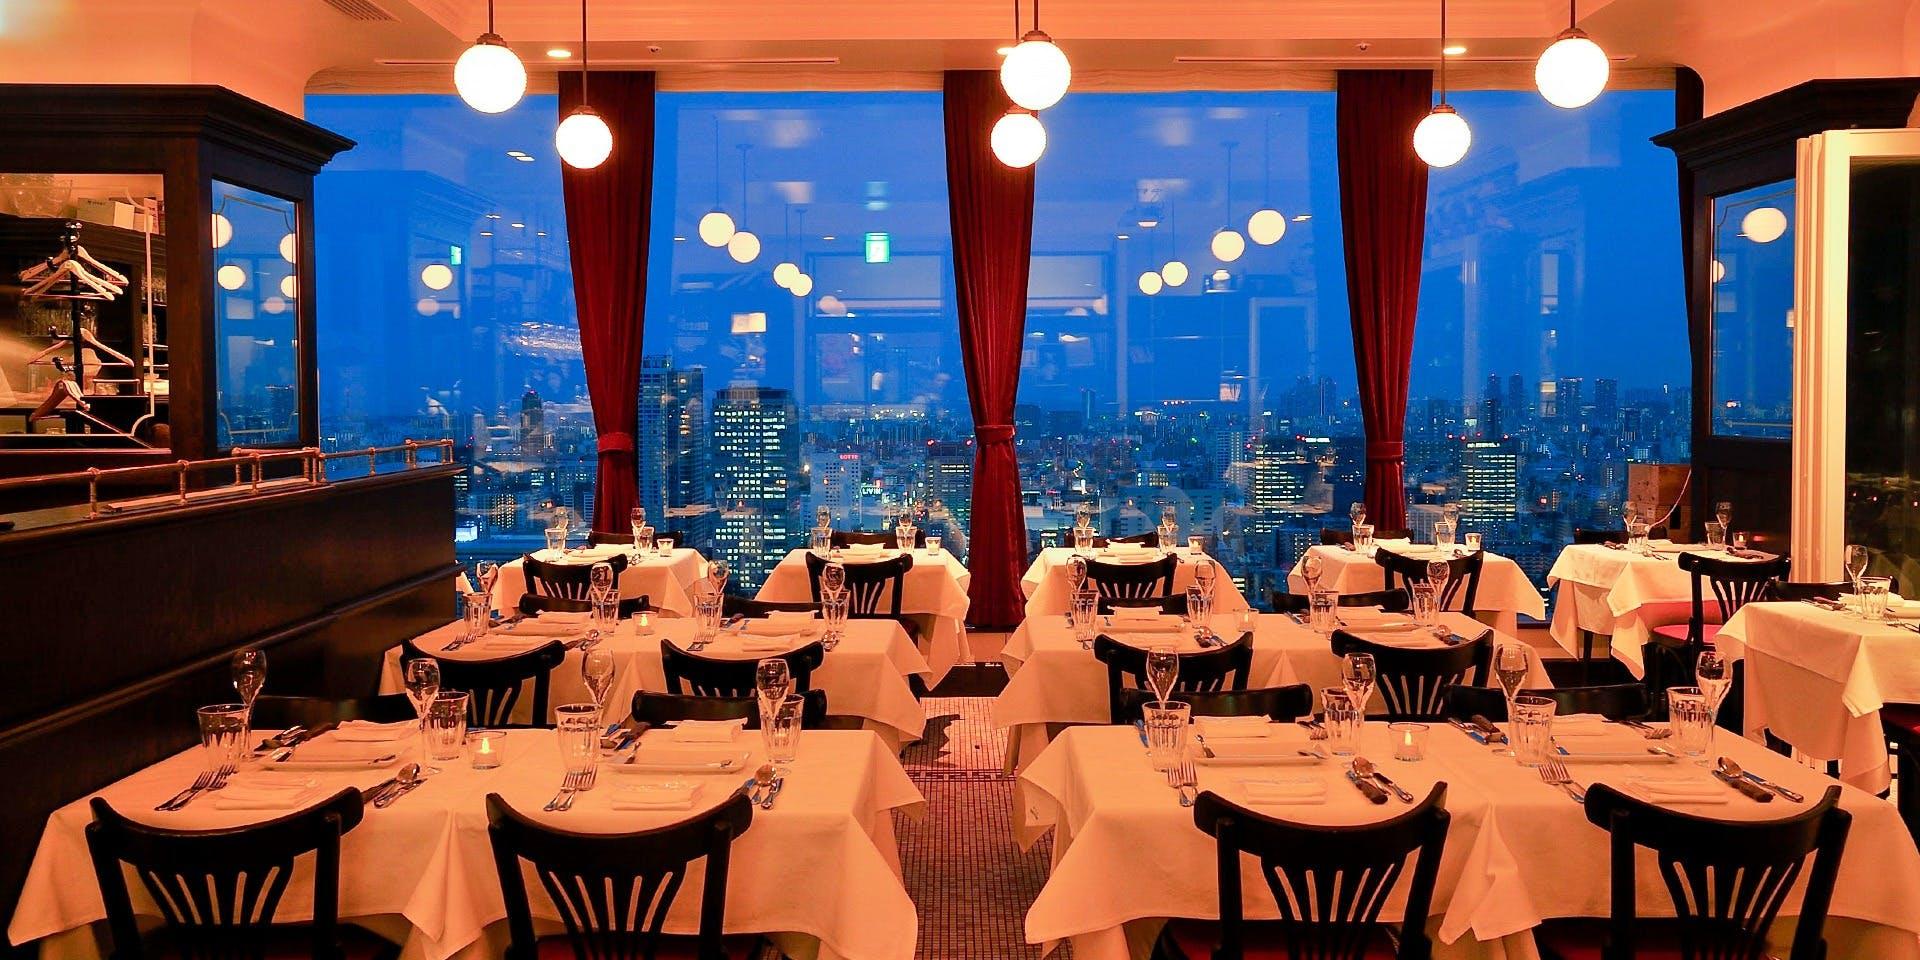 記念日におすすめのレストラン・ブラッスリーオザミ 東京スカイツリータウン・ソラマチ店/東京ソラマチ30Fの写真2